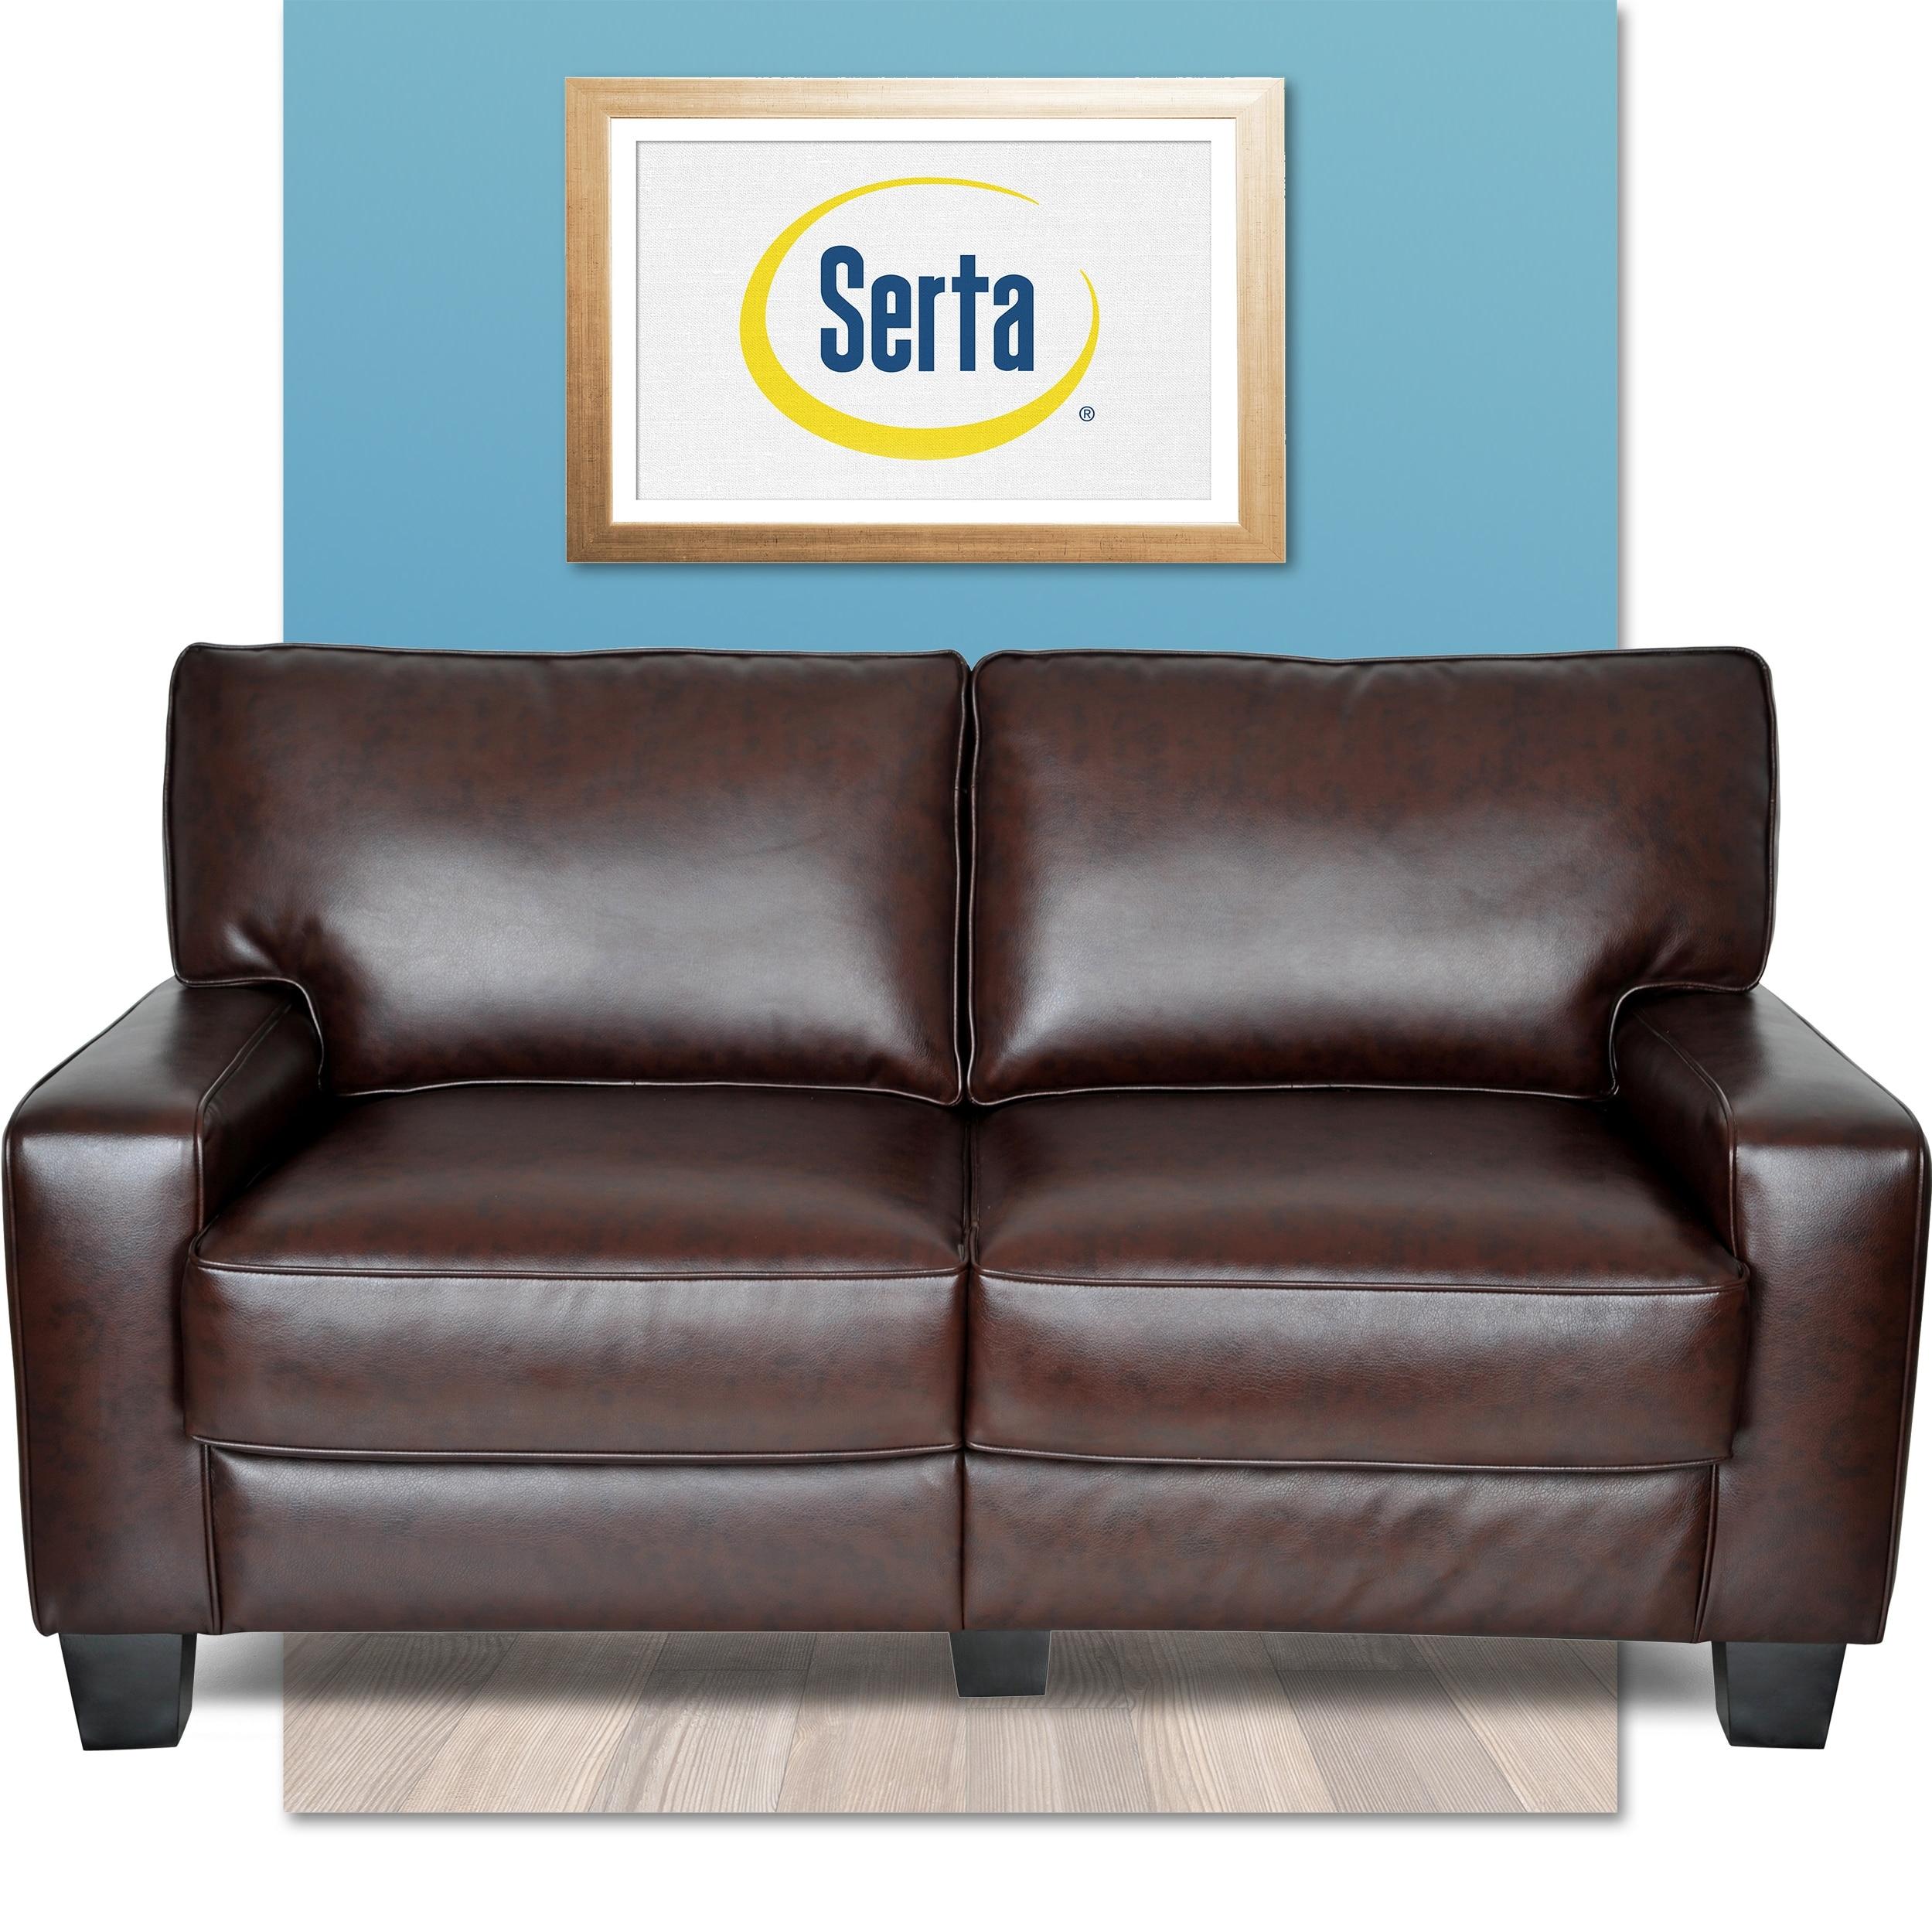 Serta Rta Monaco Collection 60 Inch